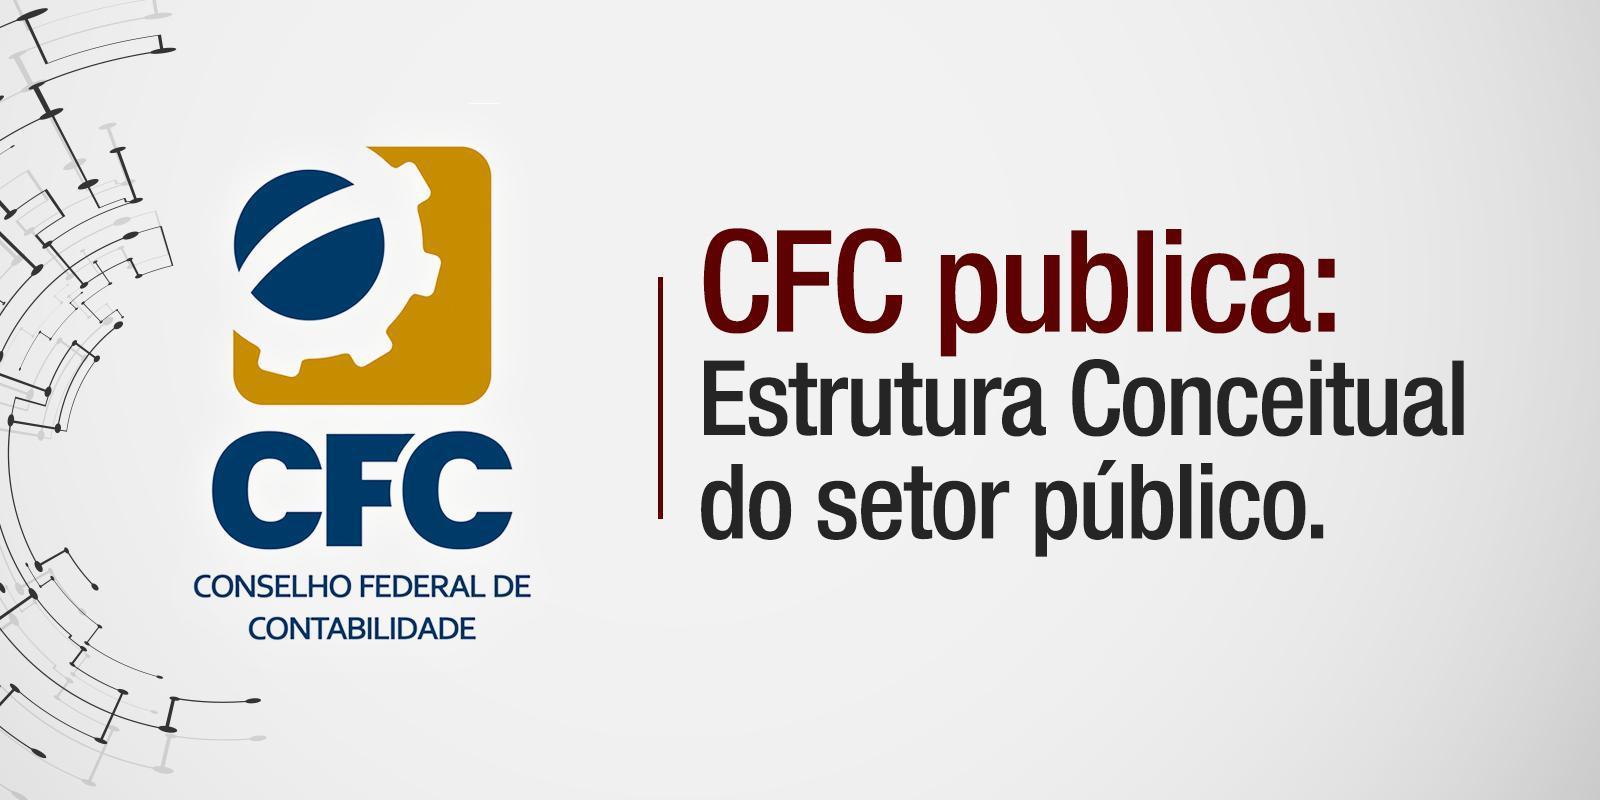 CFC publica a Estrutura Conceitual do setor público